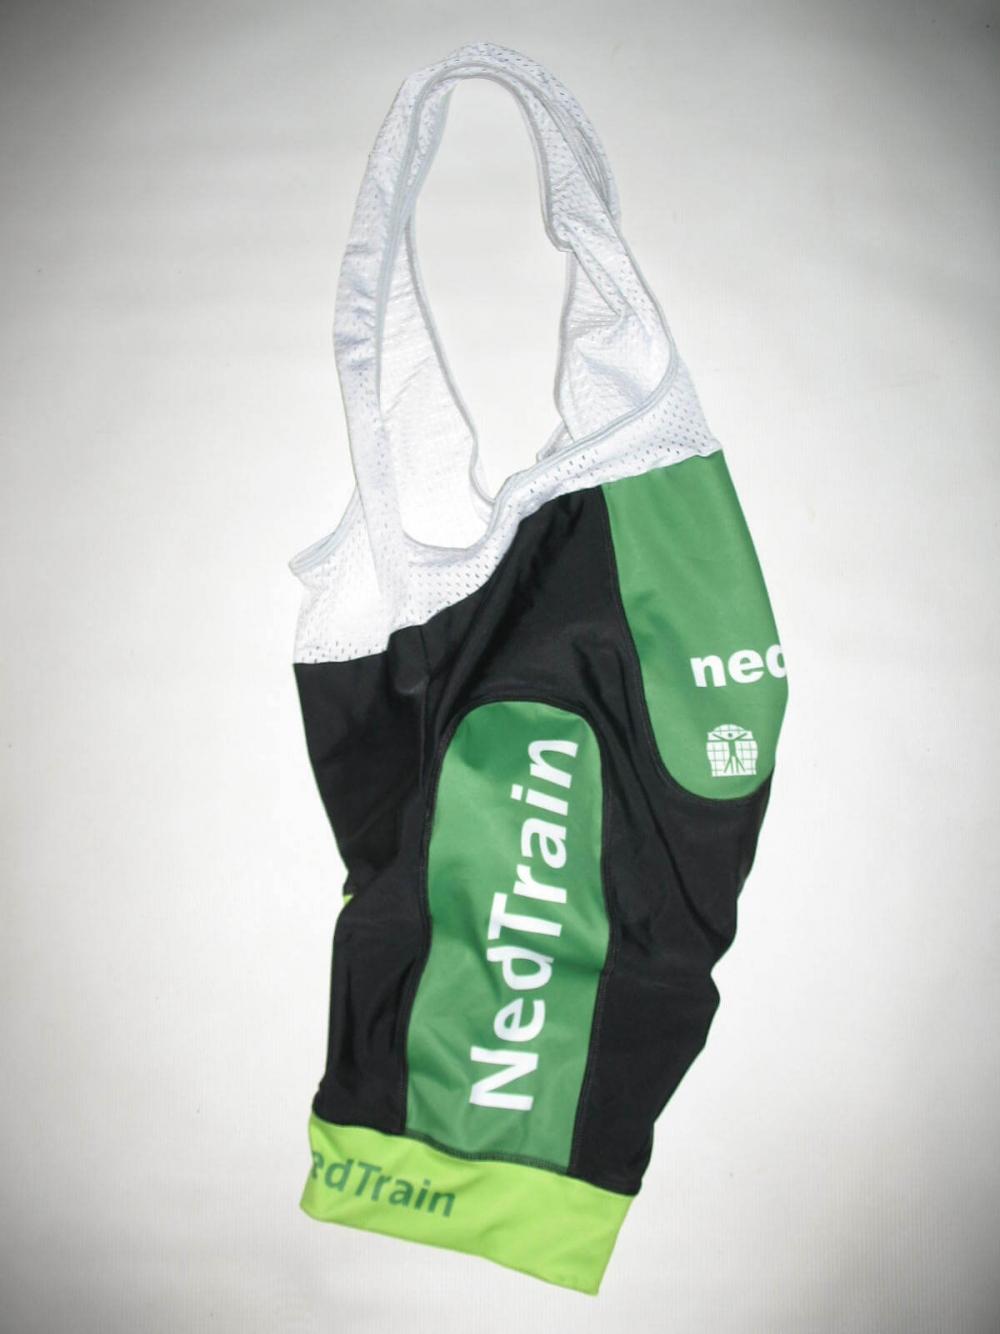 Велошорты BIORACER nedtrain cycling bib shorts (размер 6/XL) - 2